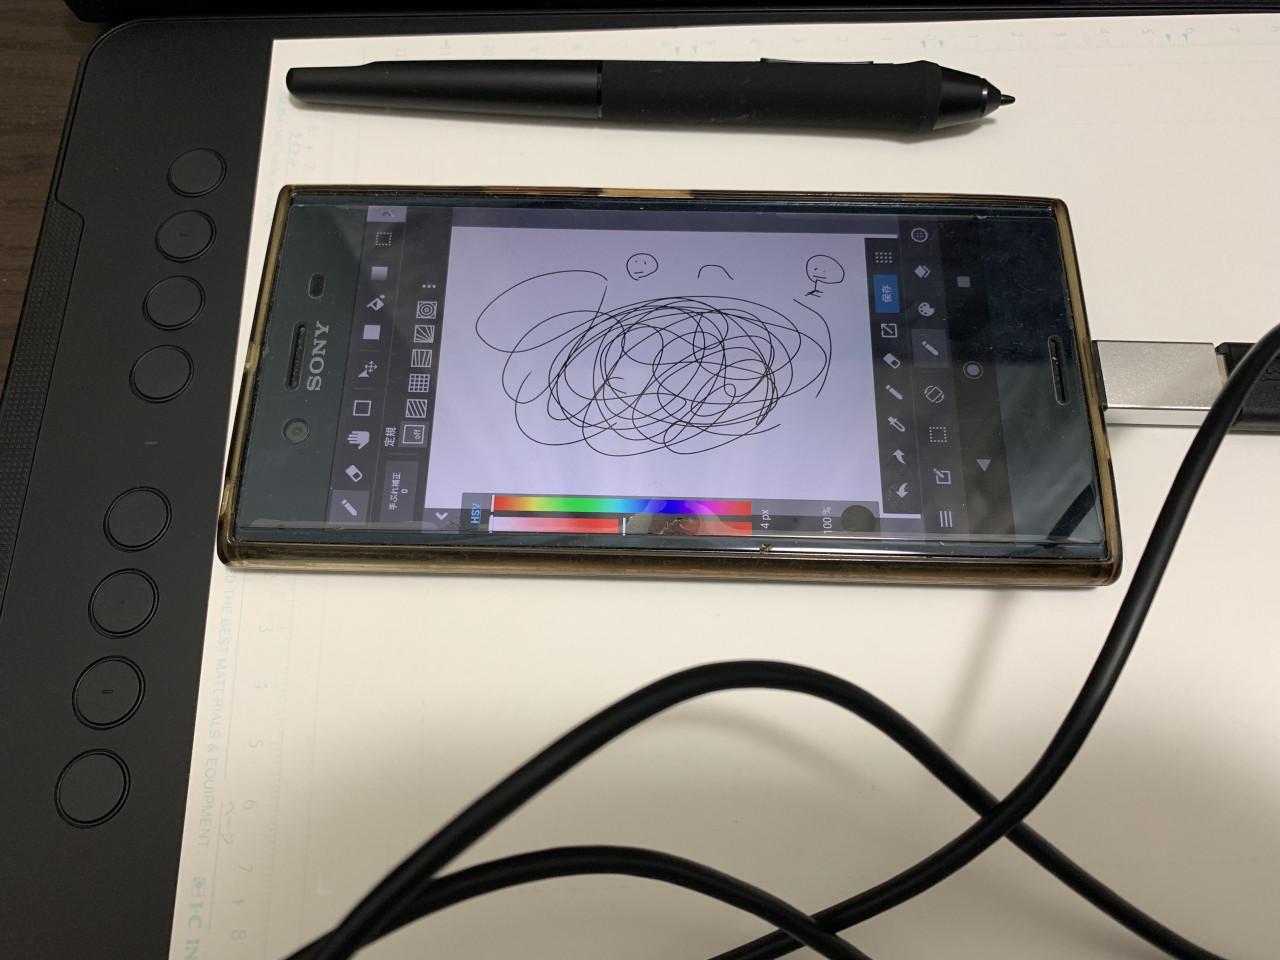 XP-Pen Deco 01 v2をAndroidスマートフォンで使う